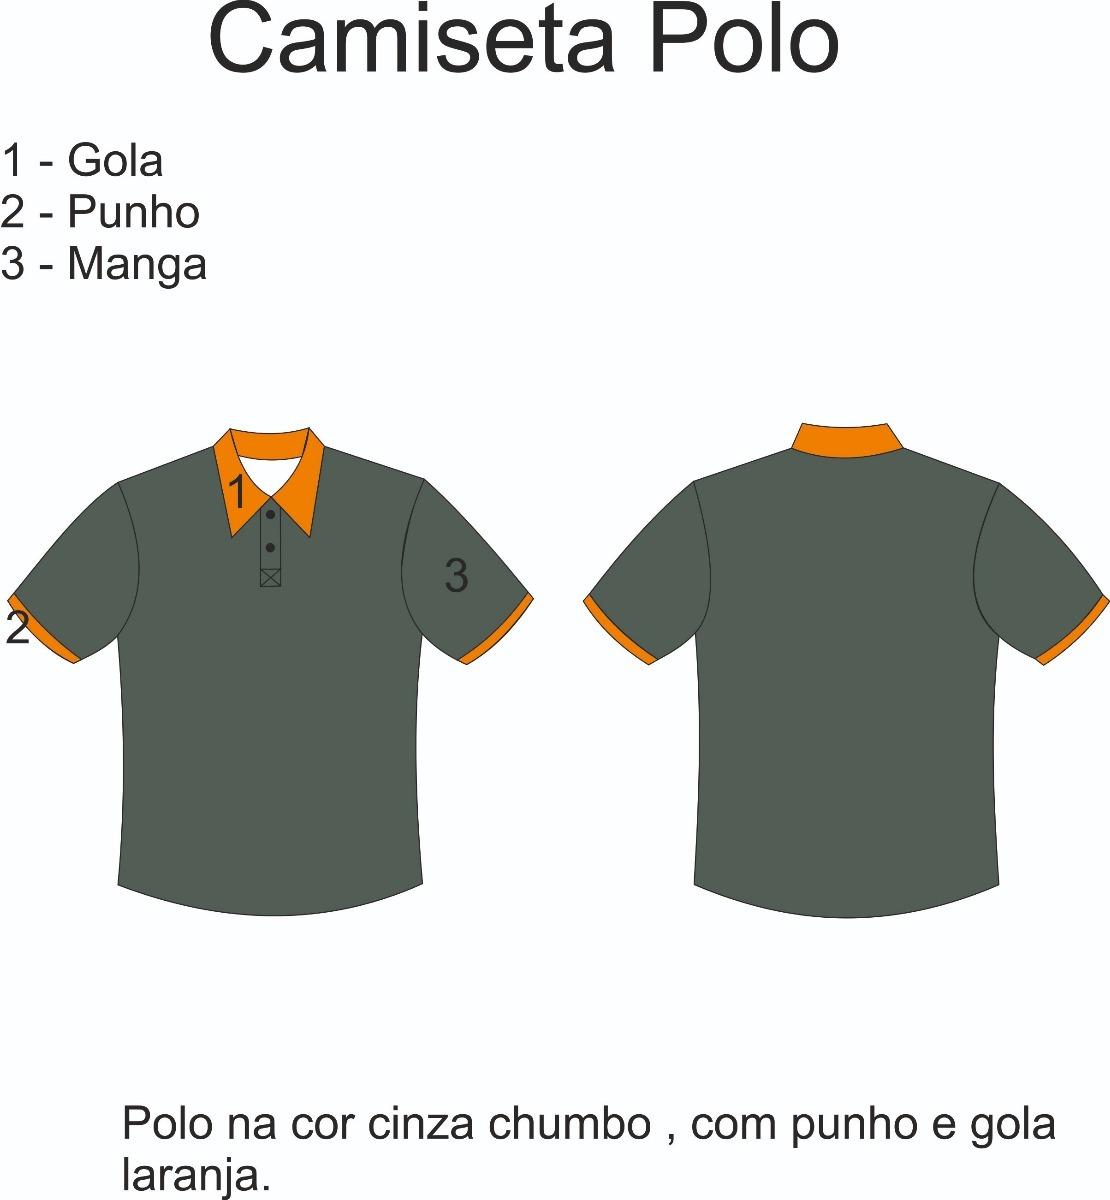 7f66cd97a Camisa Polo Uniforme Bordado Logo Bolso - R$ 74,00 em Mercado Livre